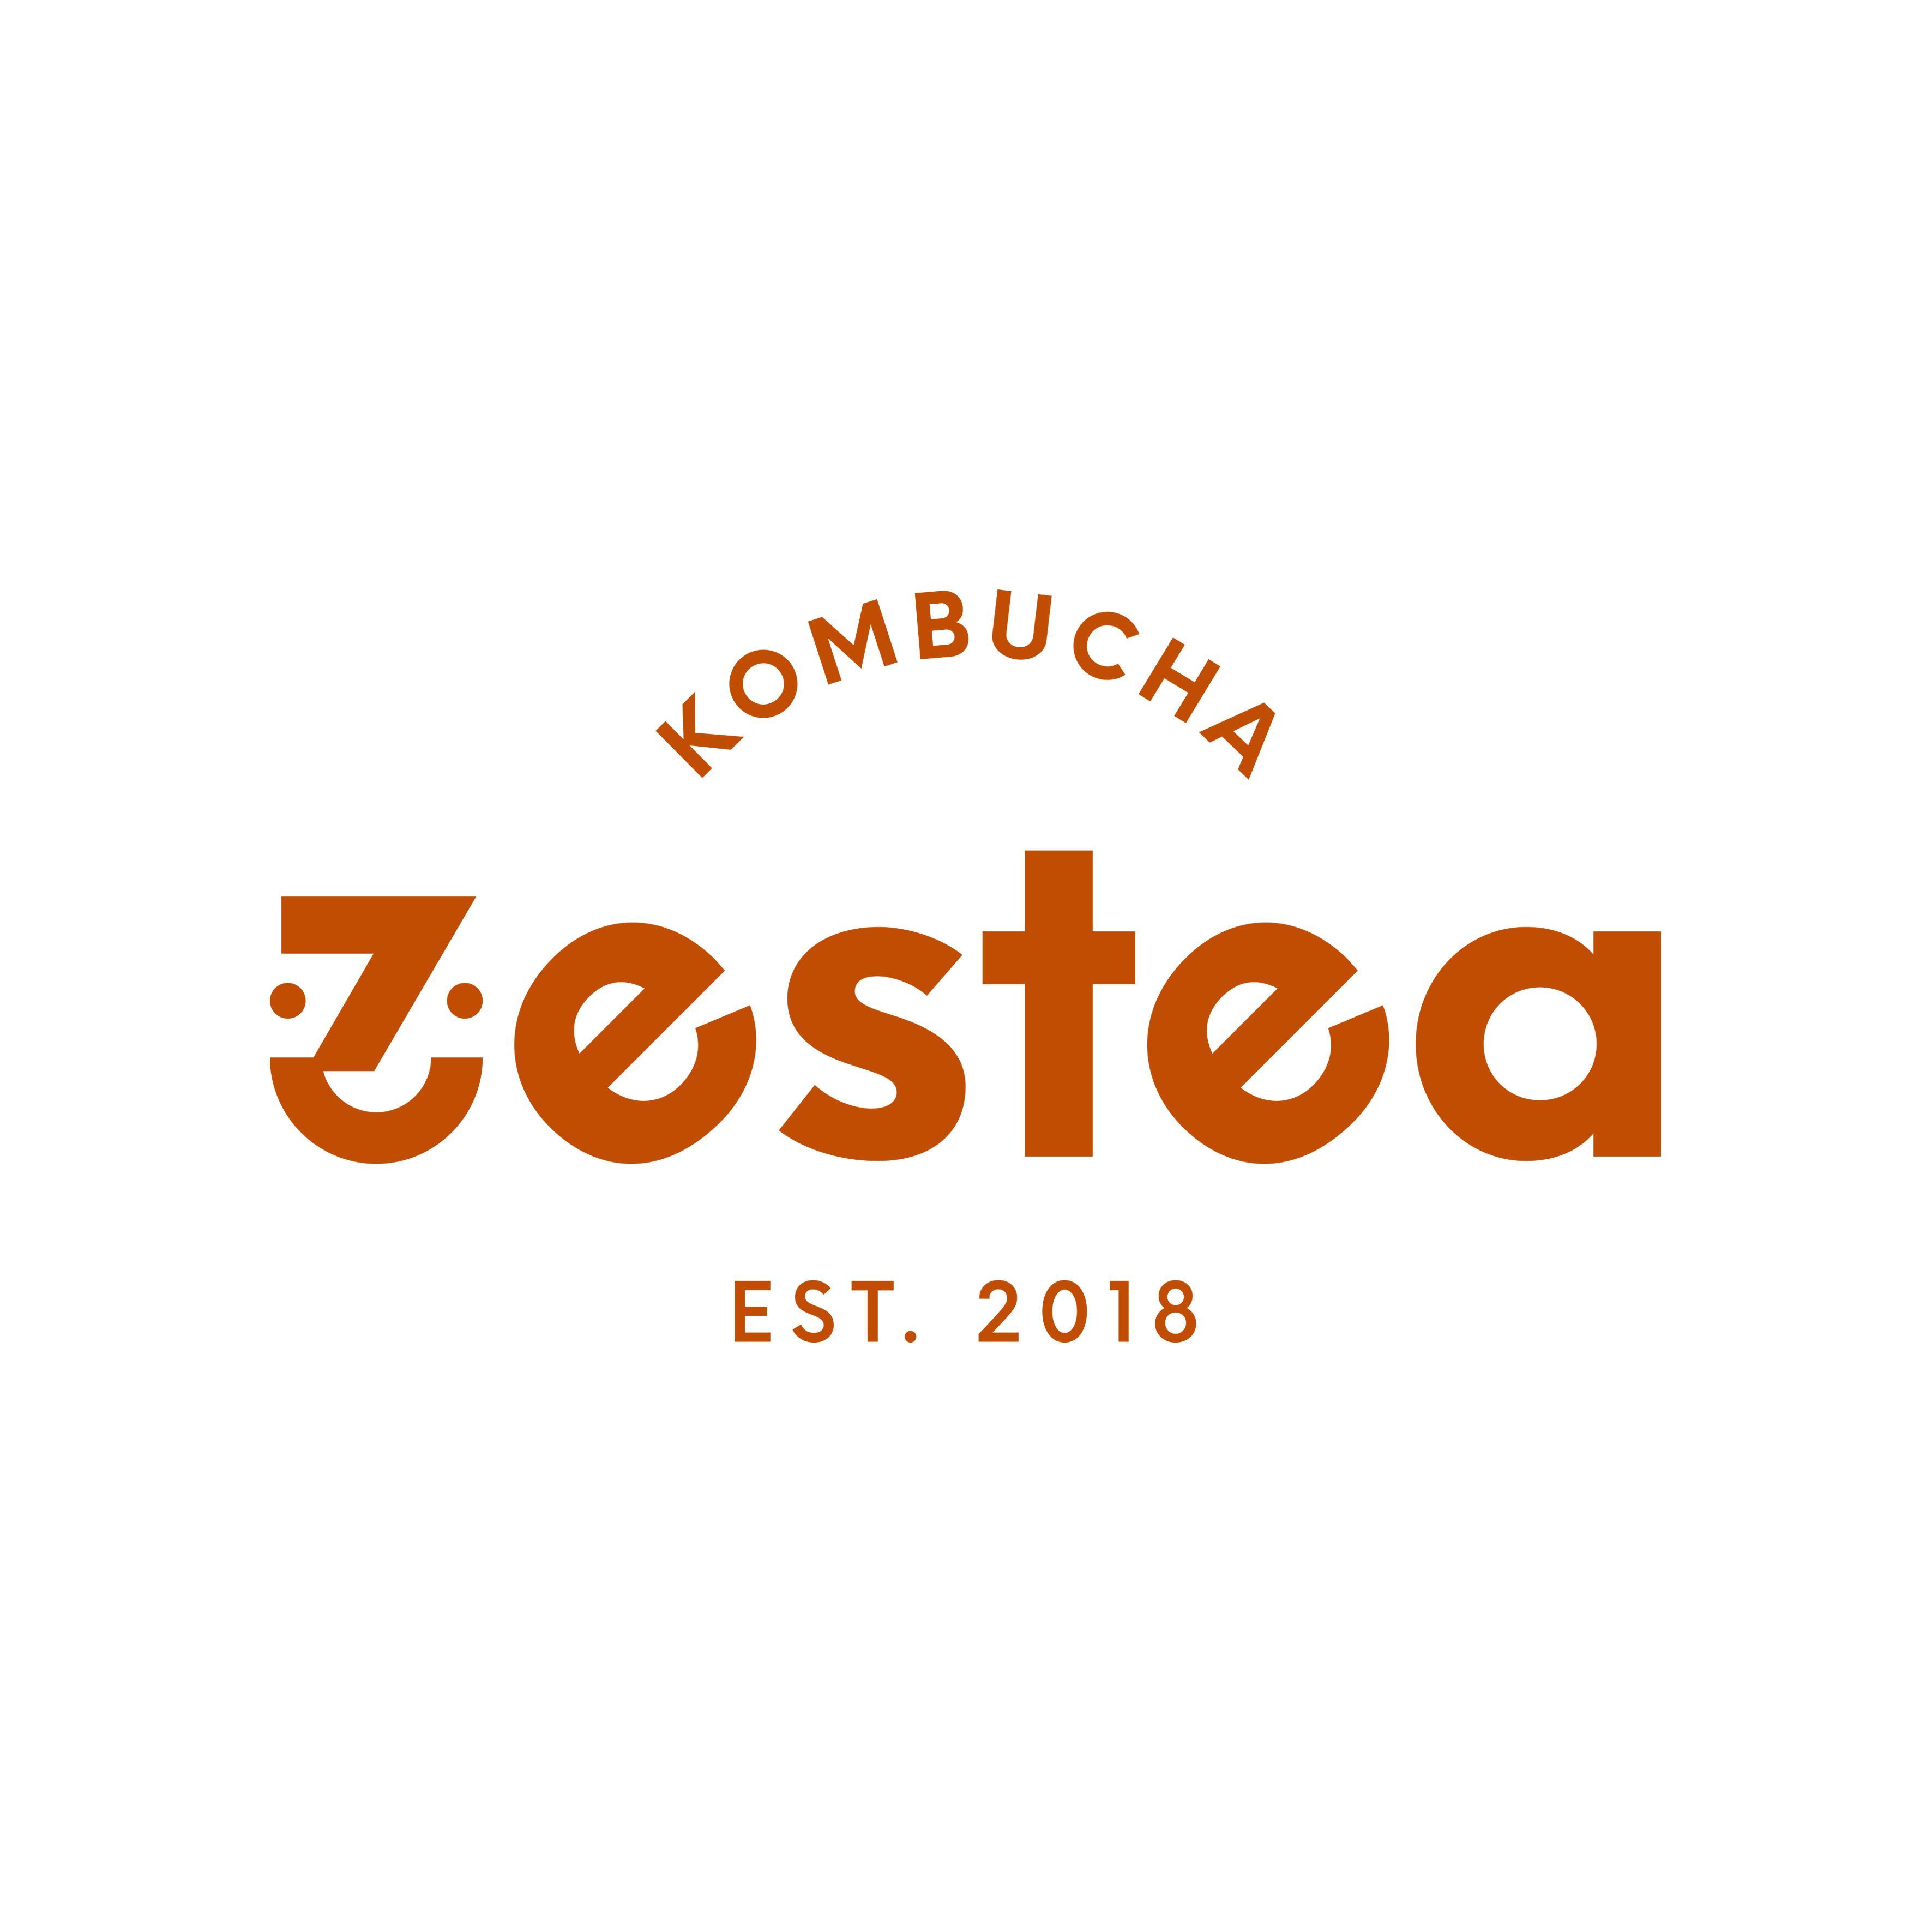 Zestea Kombucha